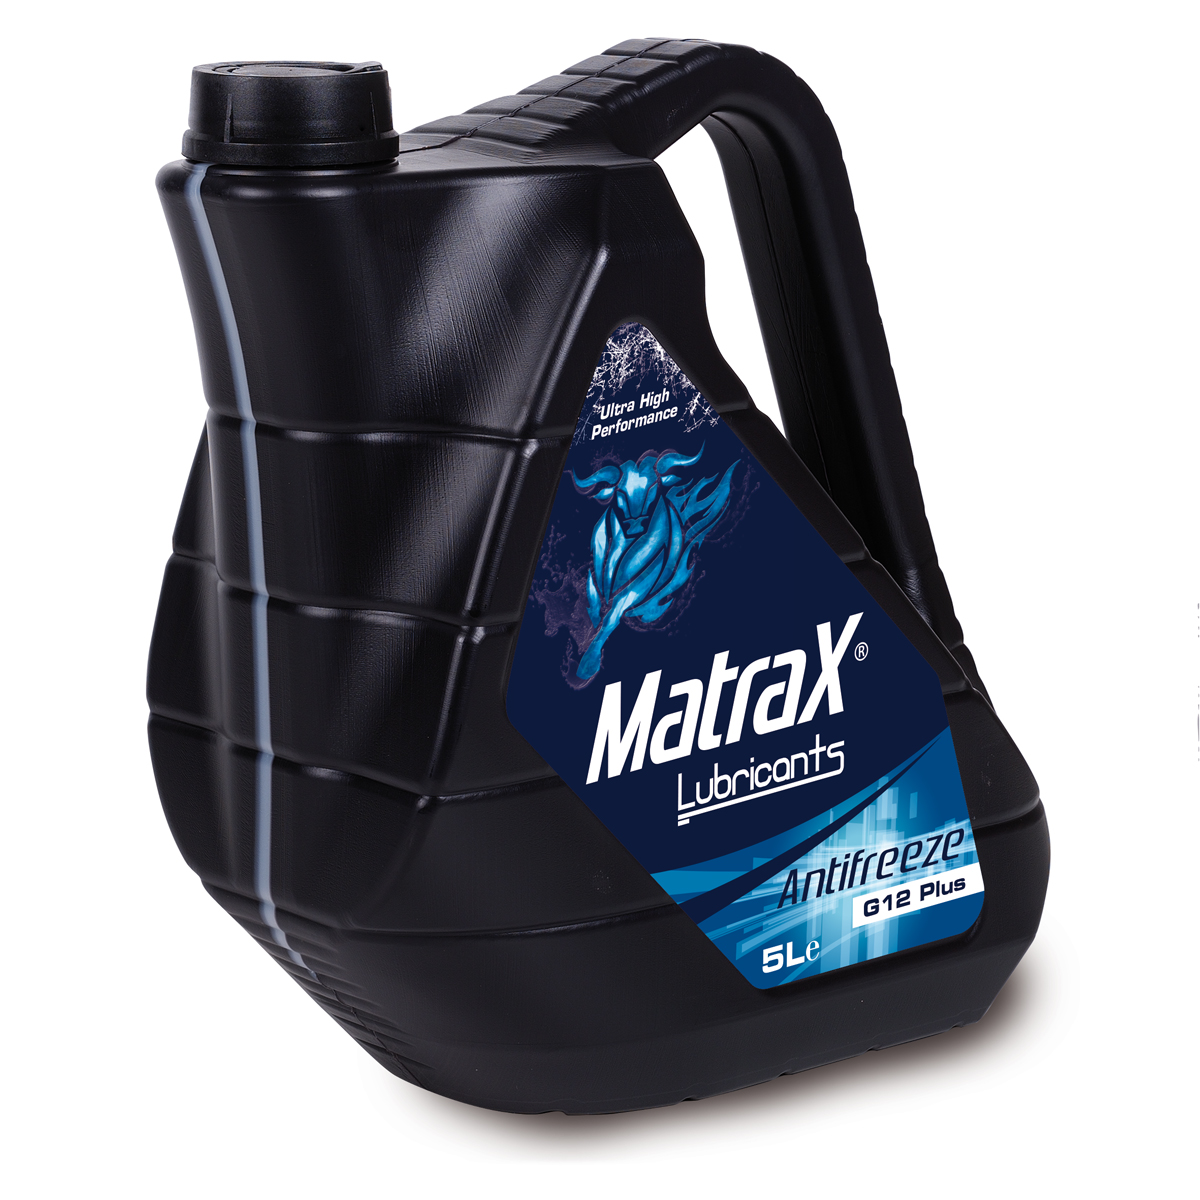 matrax-lubricants-antifreeze-g12-plus-5l